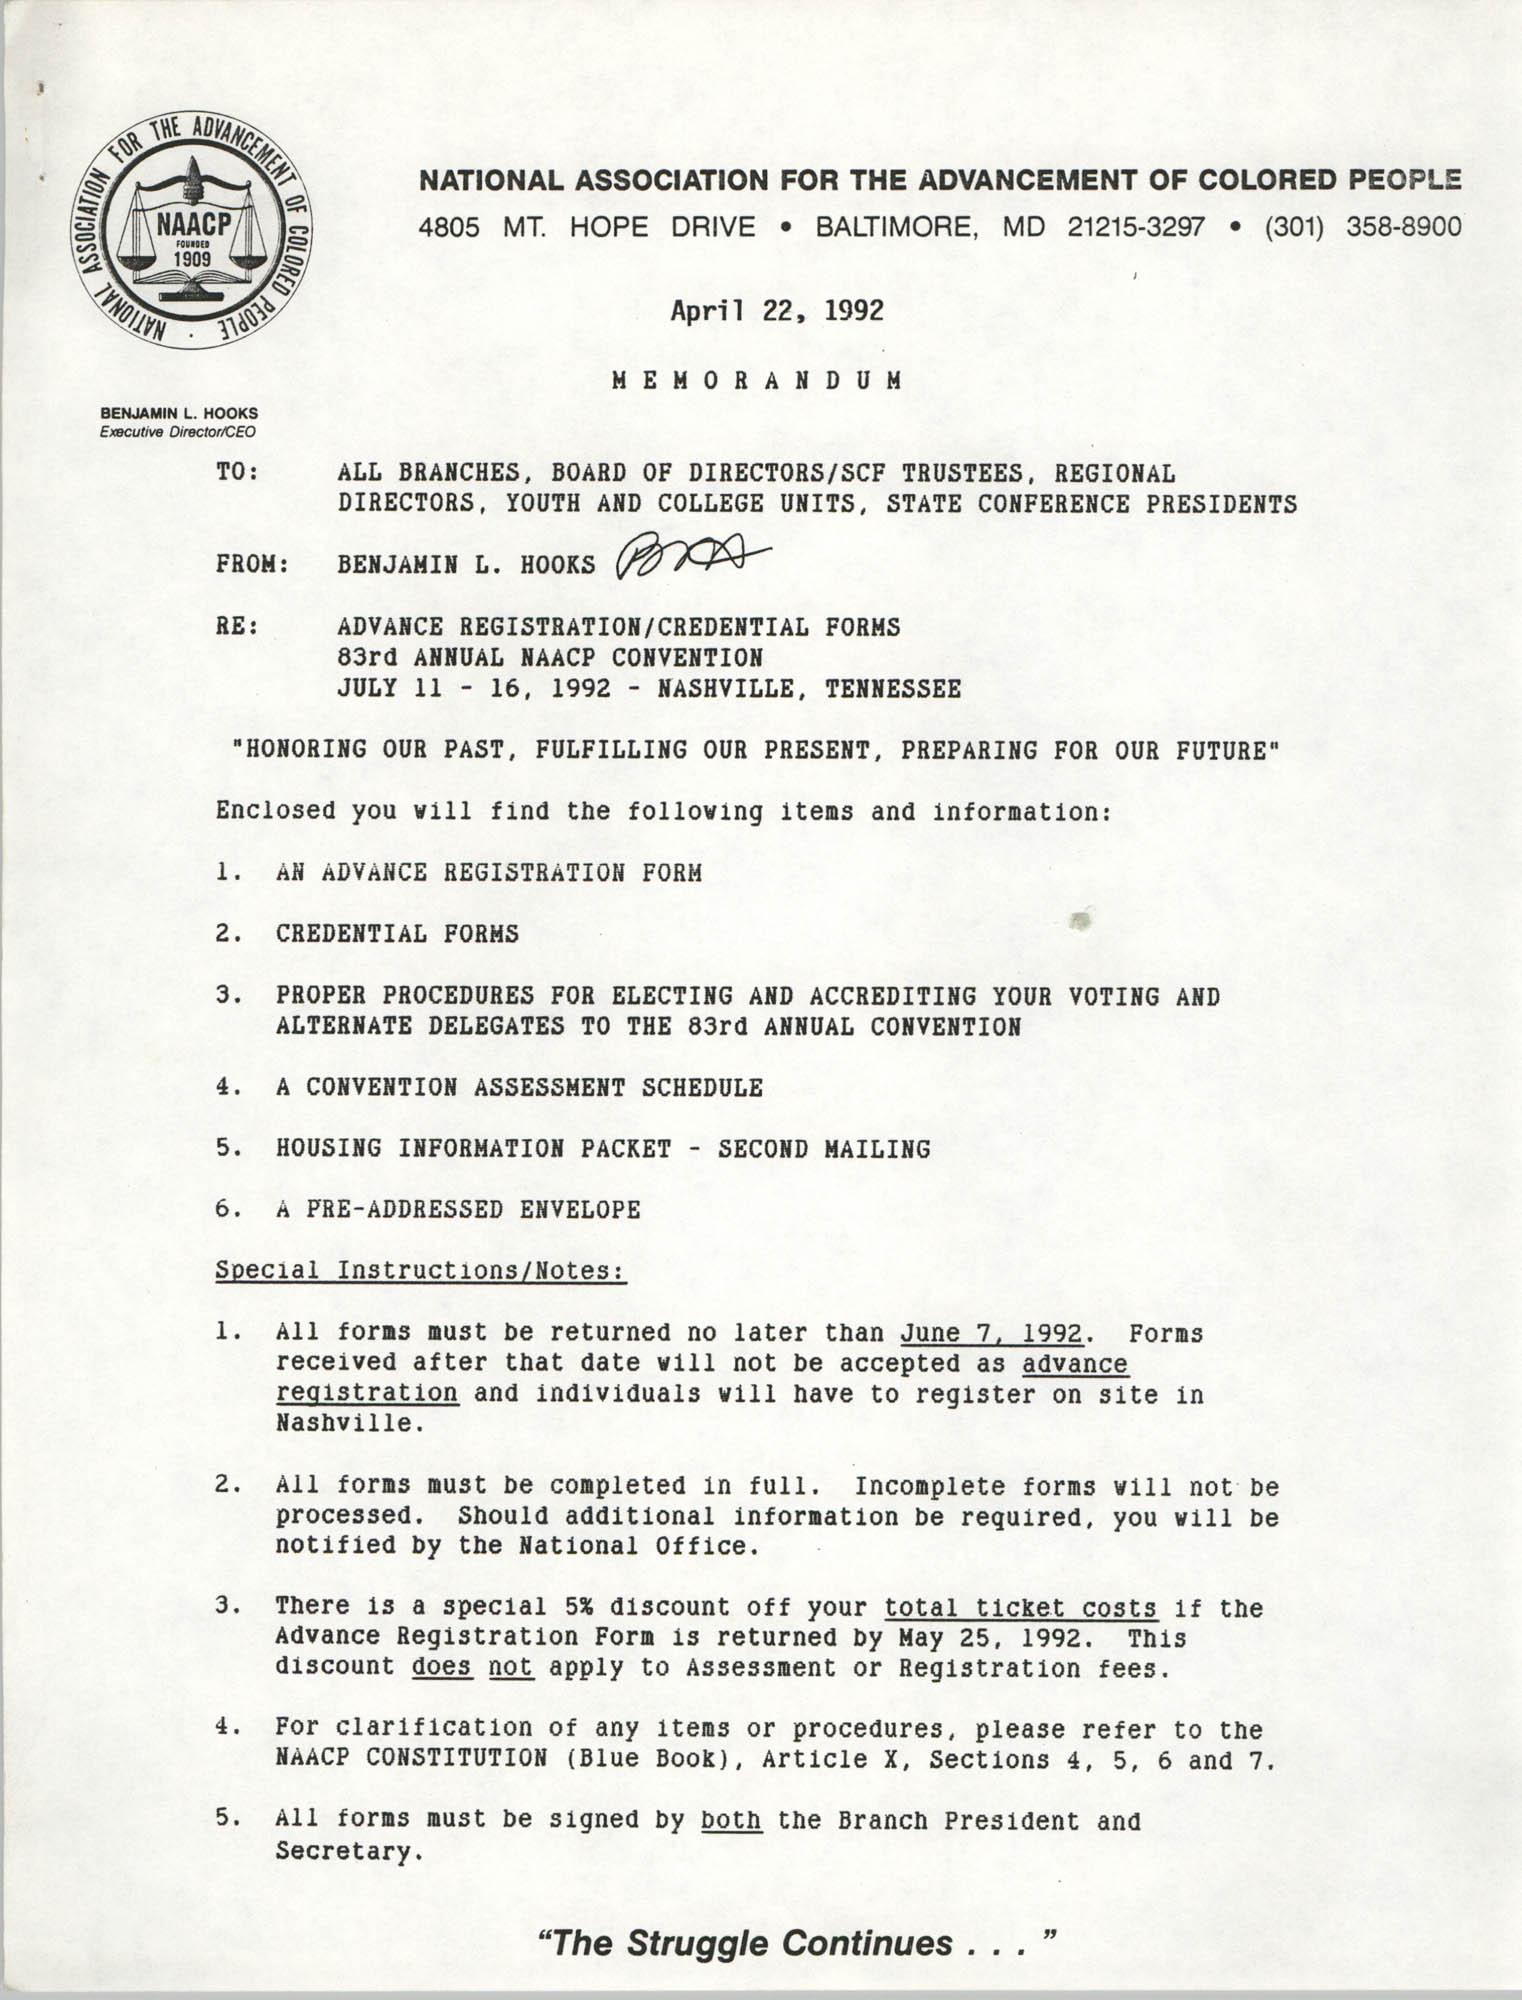 NAACP Memorandum, April 22, 1992